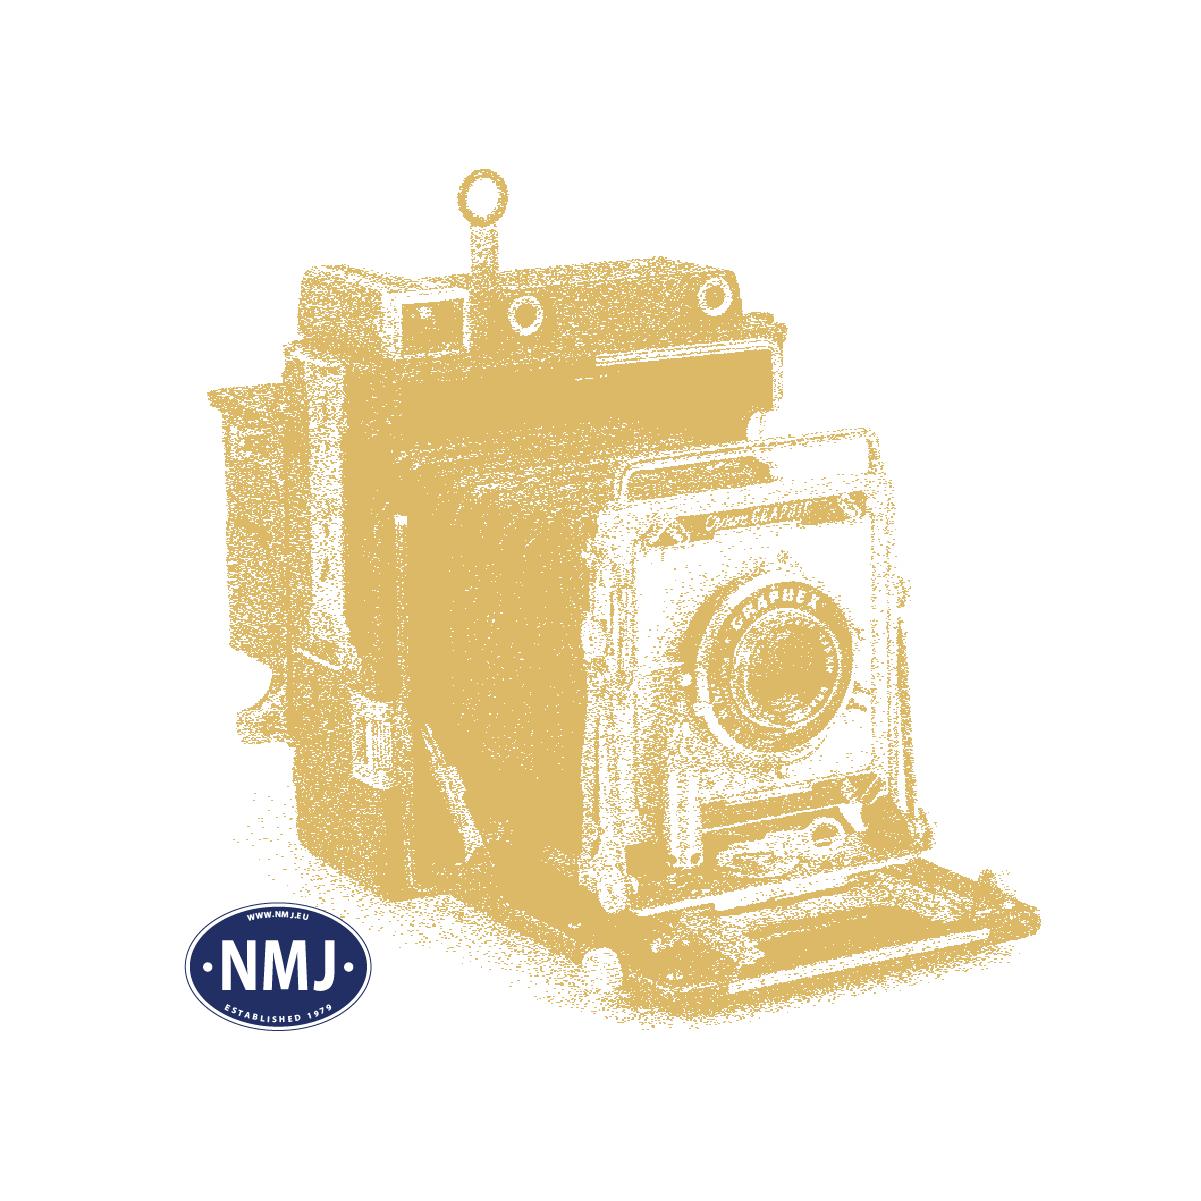 NJKPS170 - På Sporet nr 170, blad